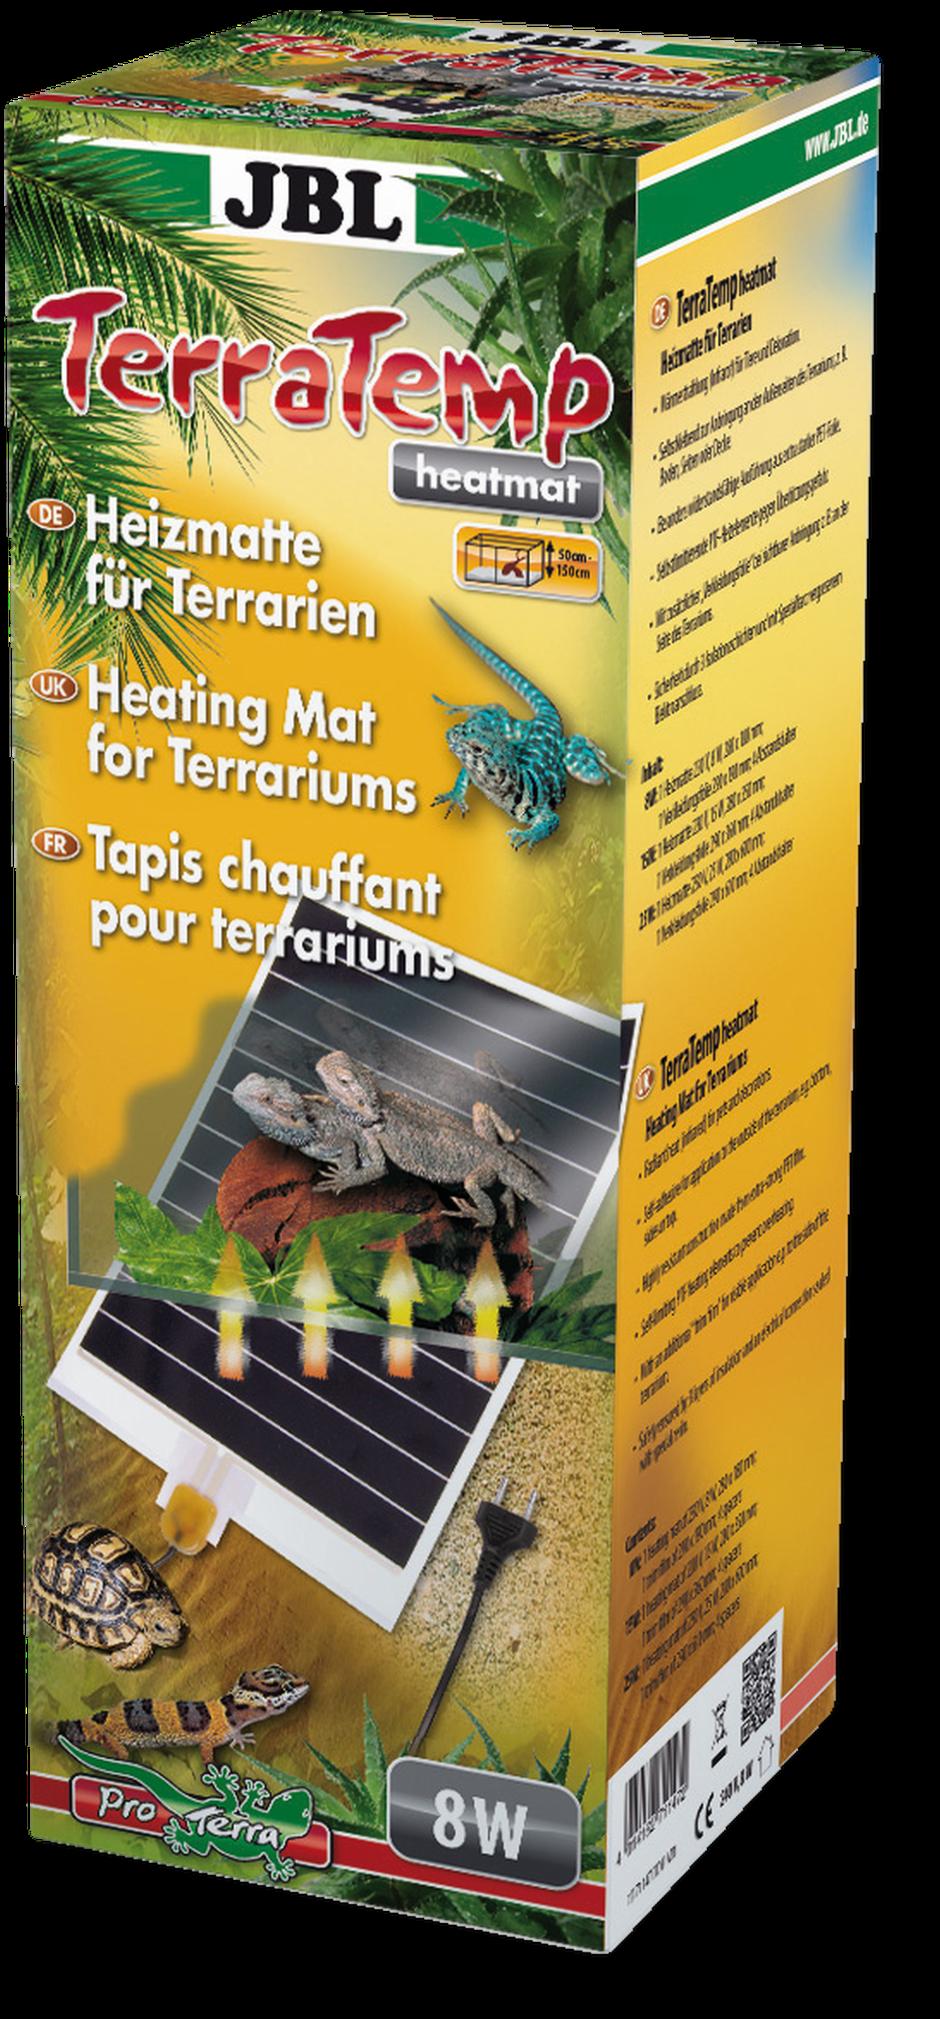 JBL TerraTemp heatmat 15 W